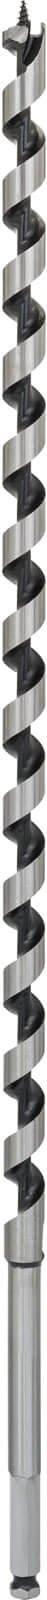 Bosch Hex Shank Auger Drill Bit 16mm 600mm